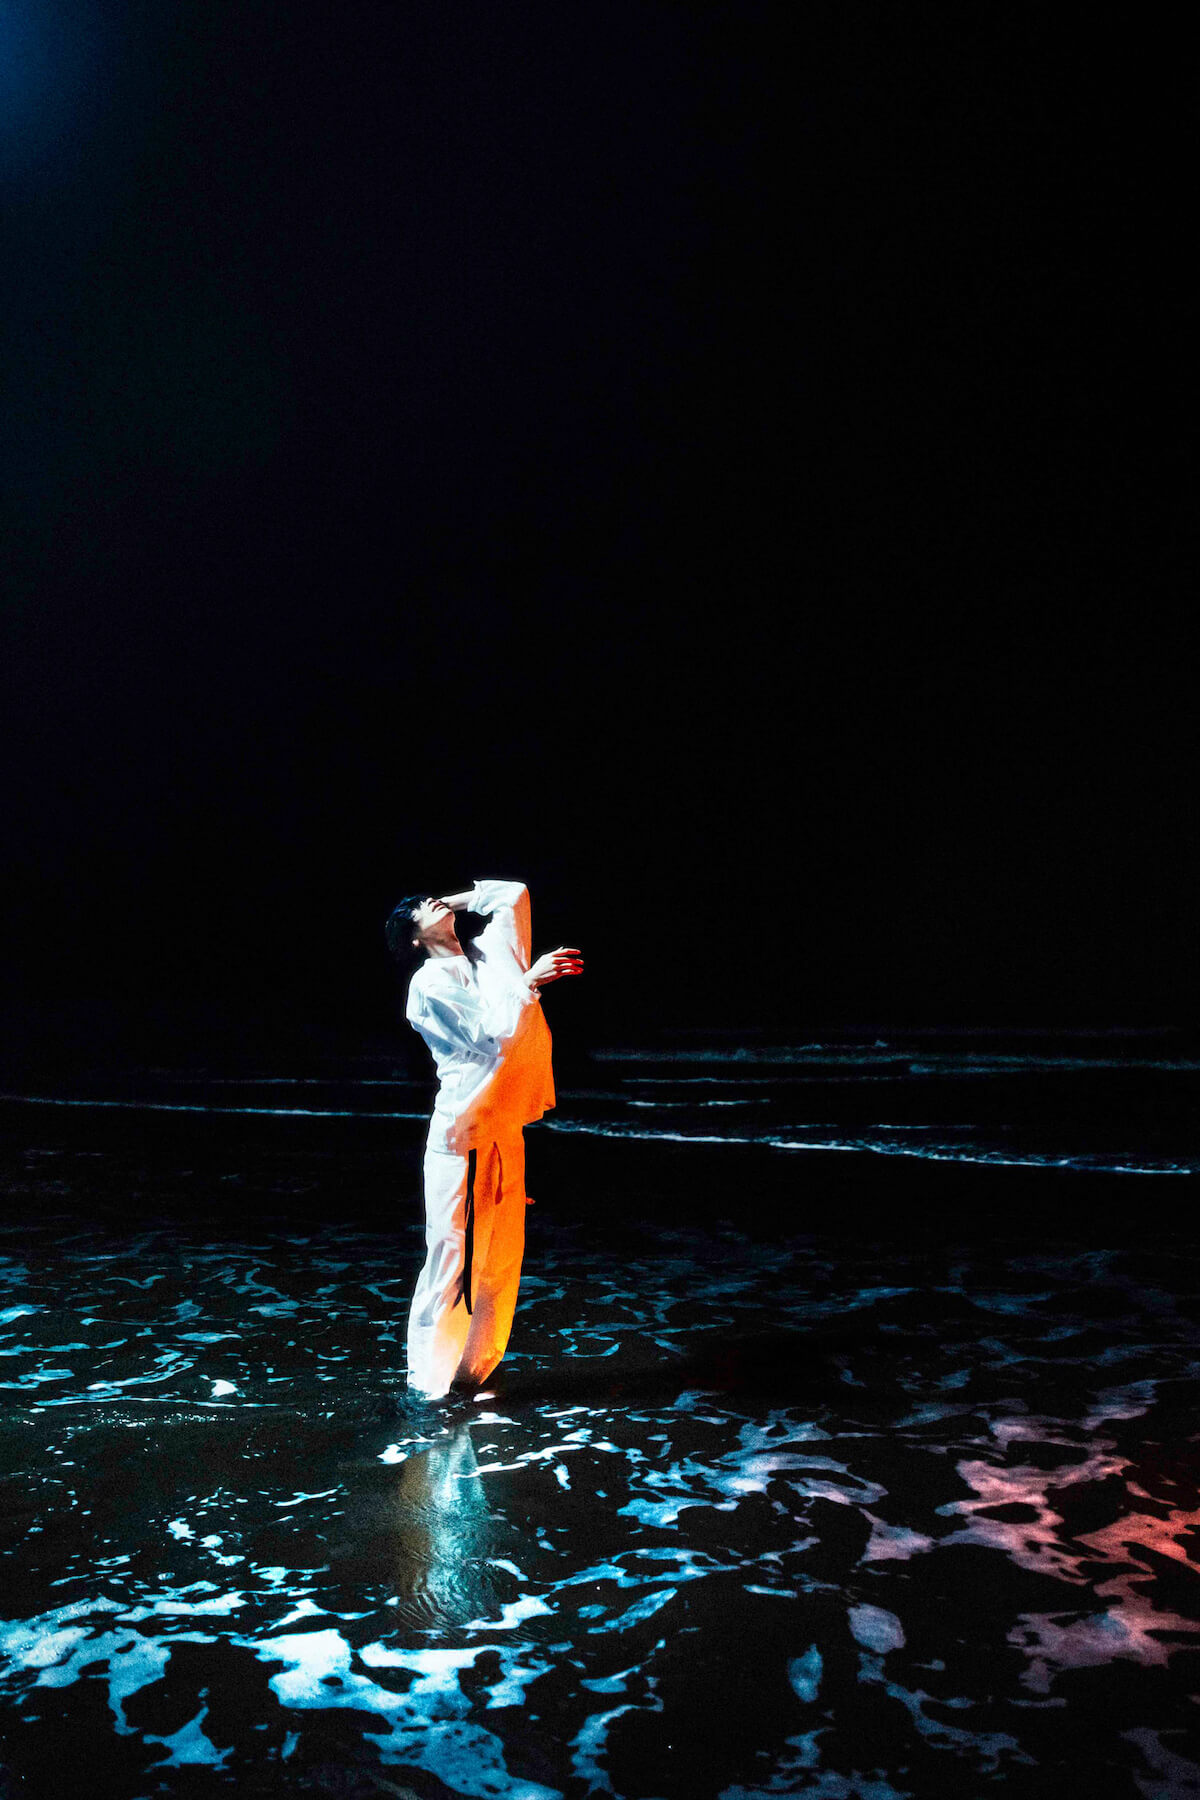 米津玄師「海の幽霊」がついにベールを脱ぐ!映画『海獣の子供』新予告編が解禁 music190510_yonezukenshi_1